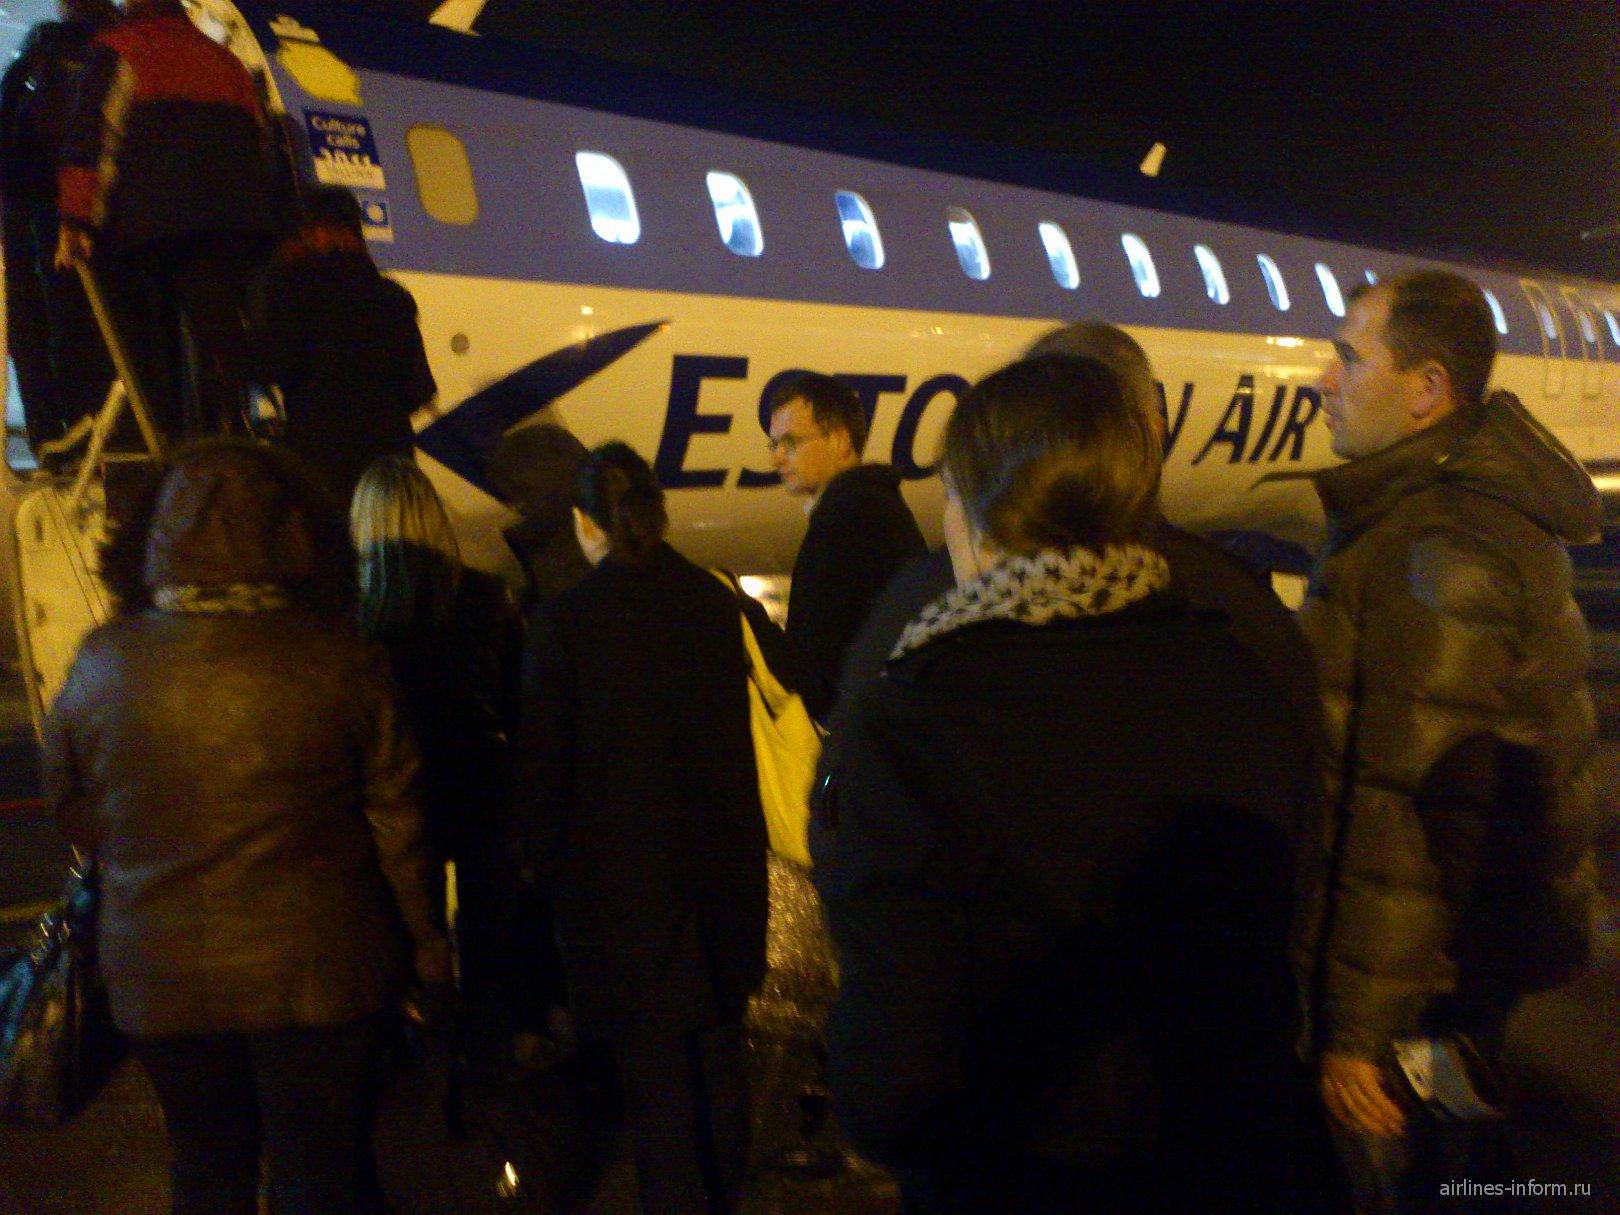 Посадка на рейс Вильнюс-Таллинн Estonian Air